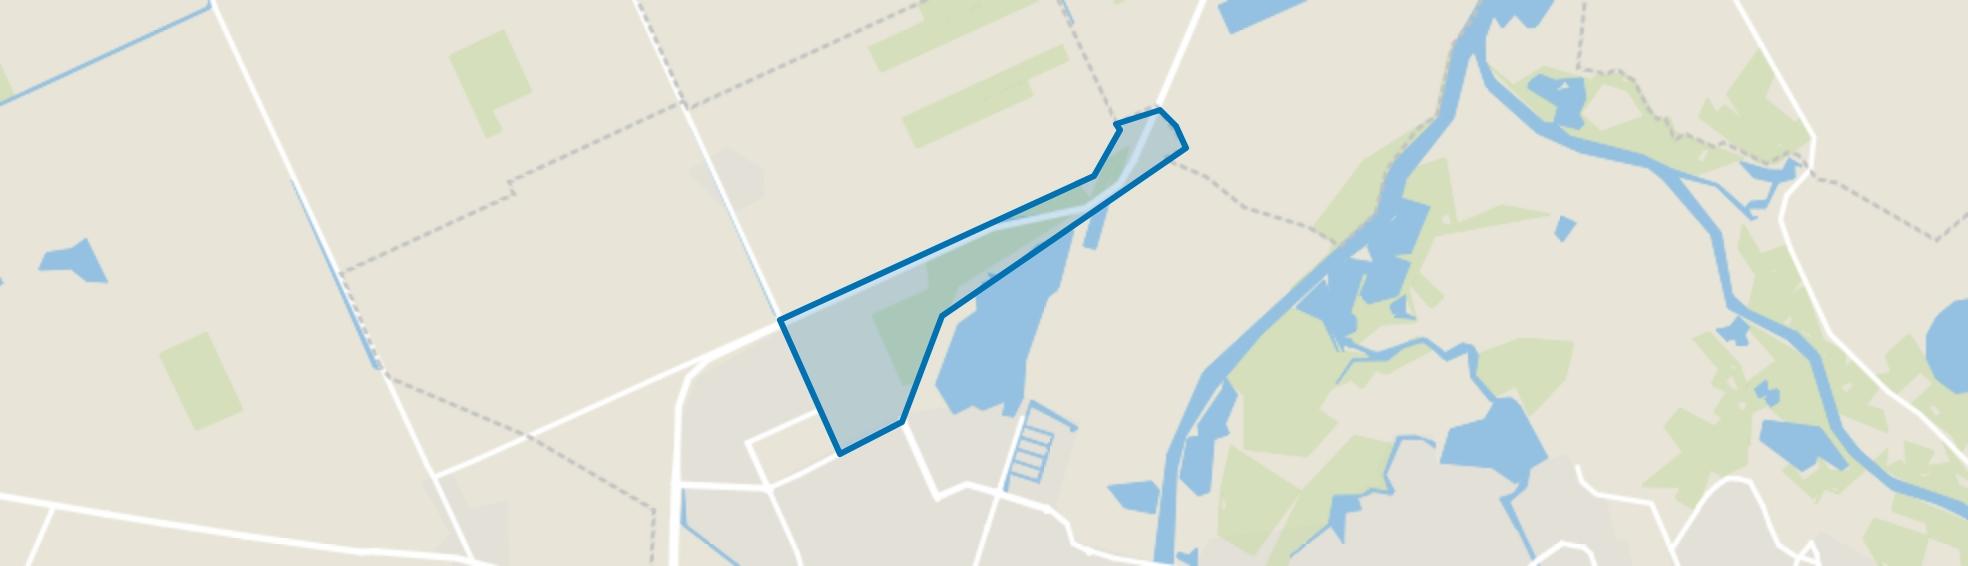 Breezicht, Zwolle map